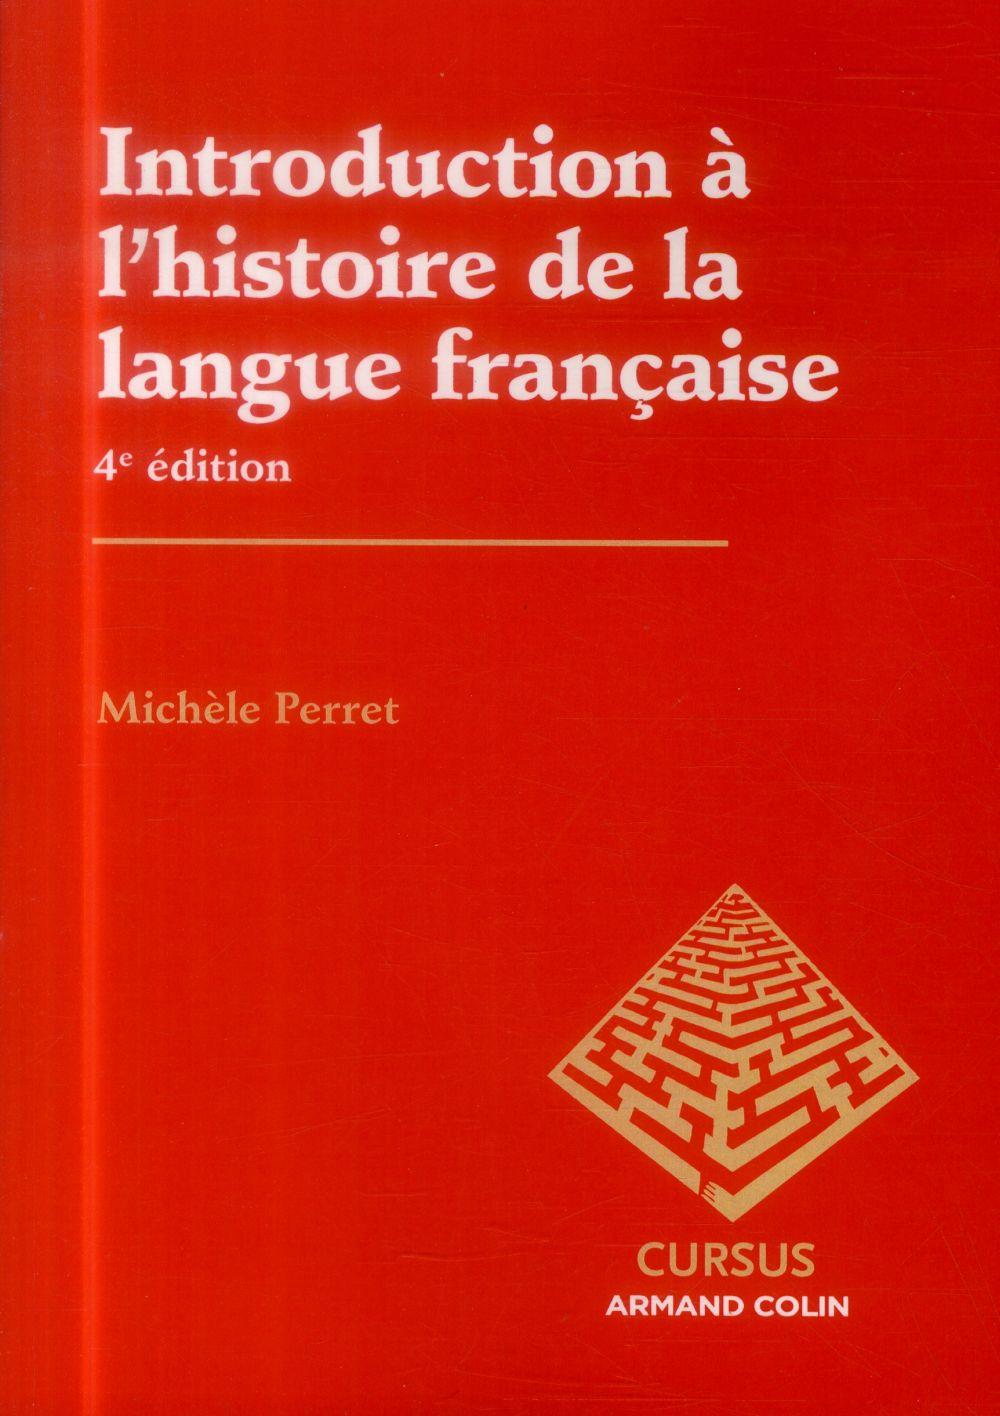 Introduction à l'histoire de la langue française (4e édition)